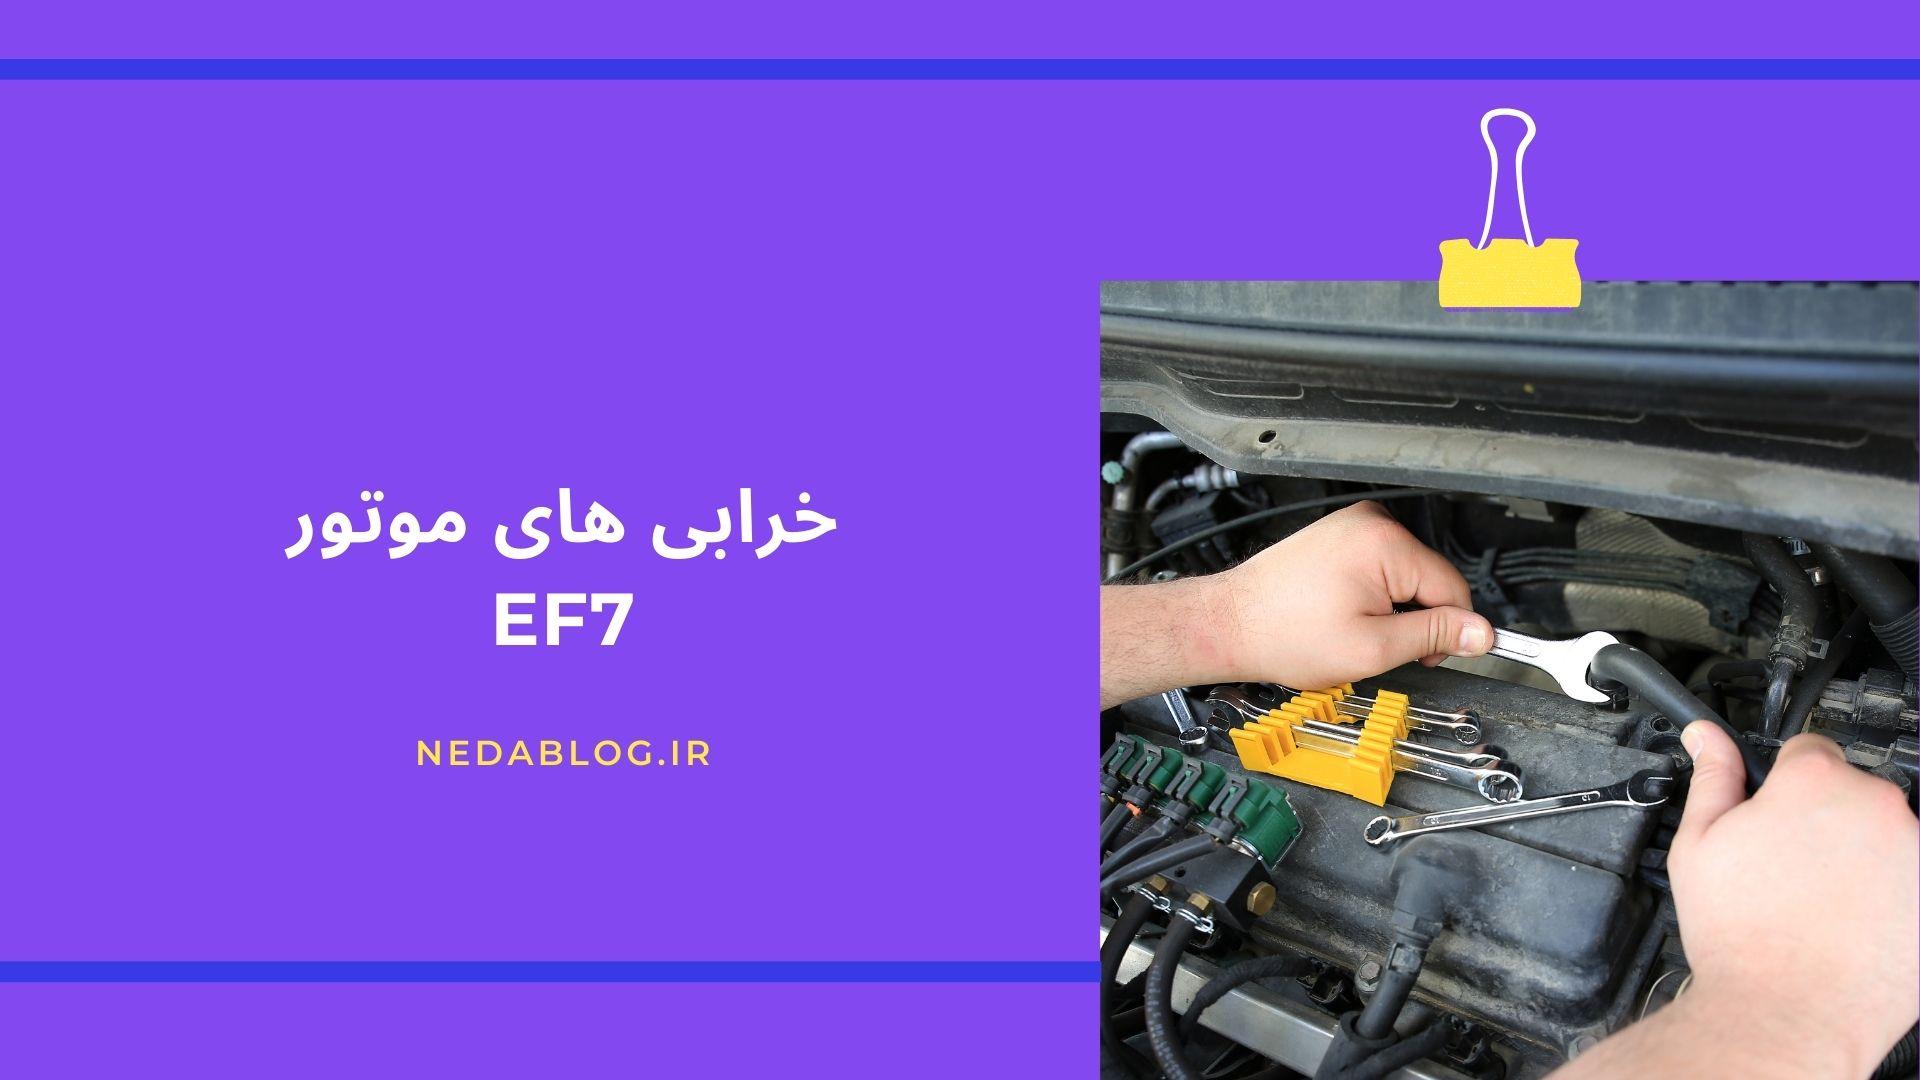 خرابی های موتور EF7